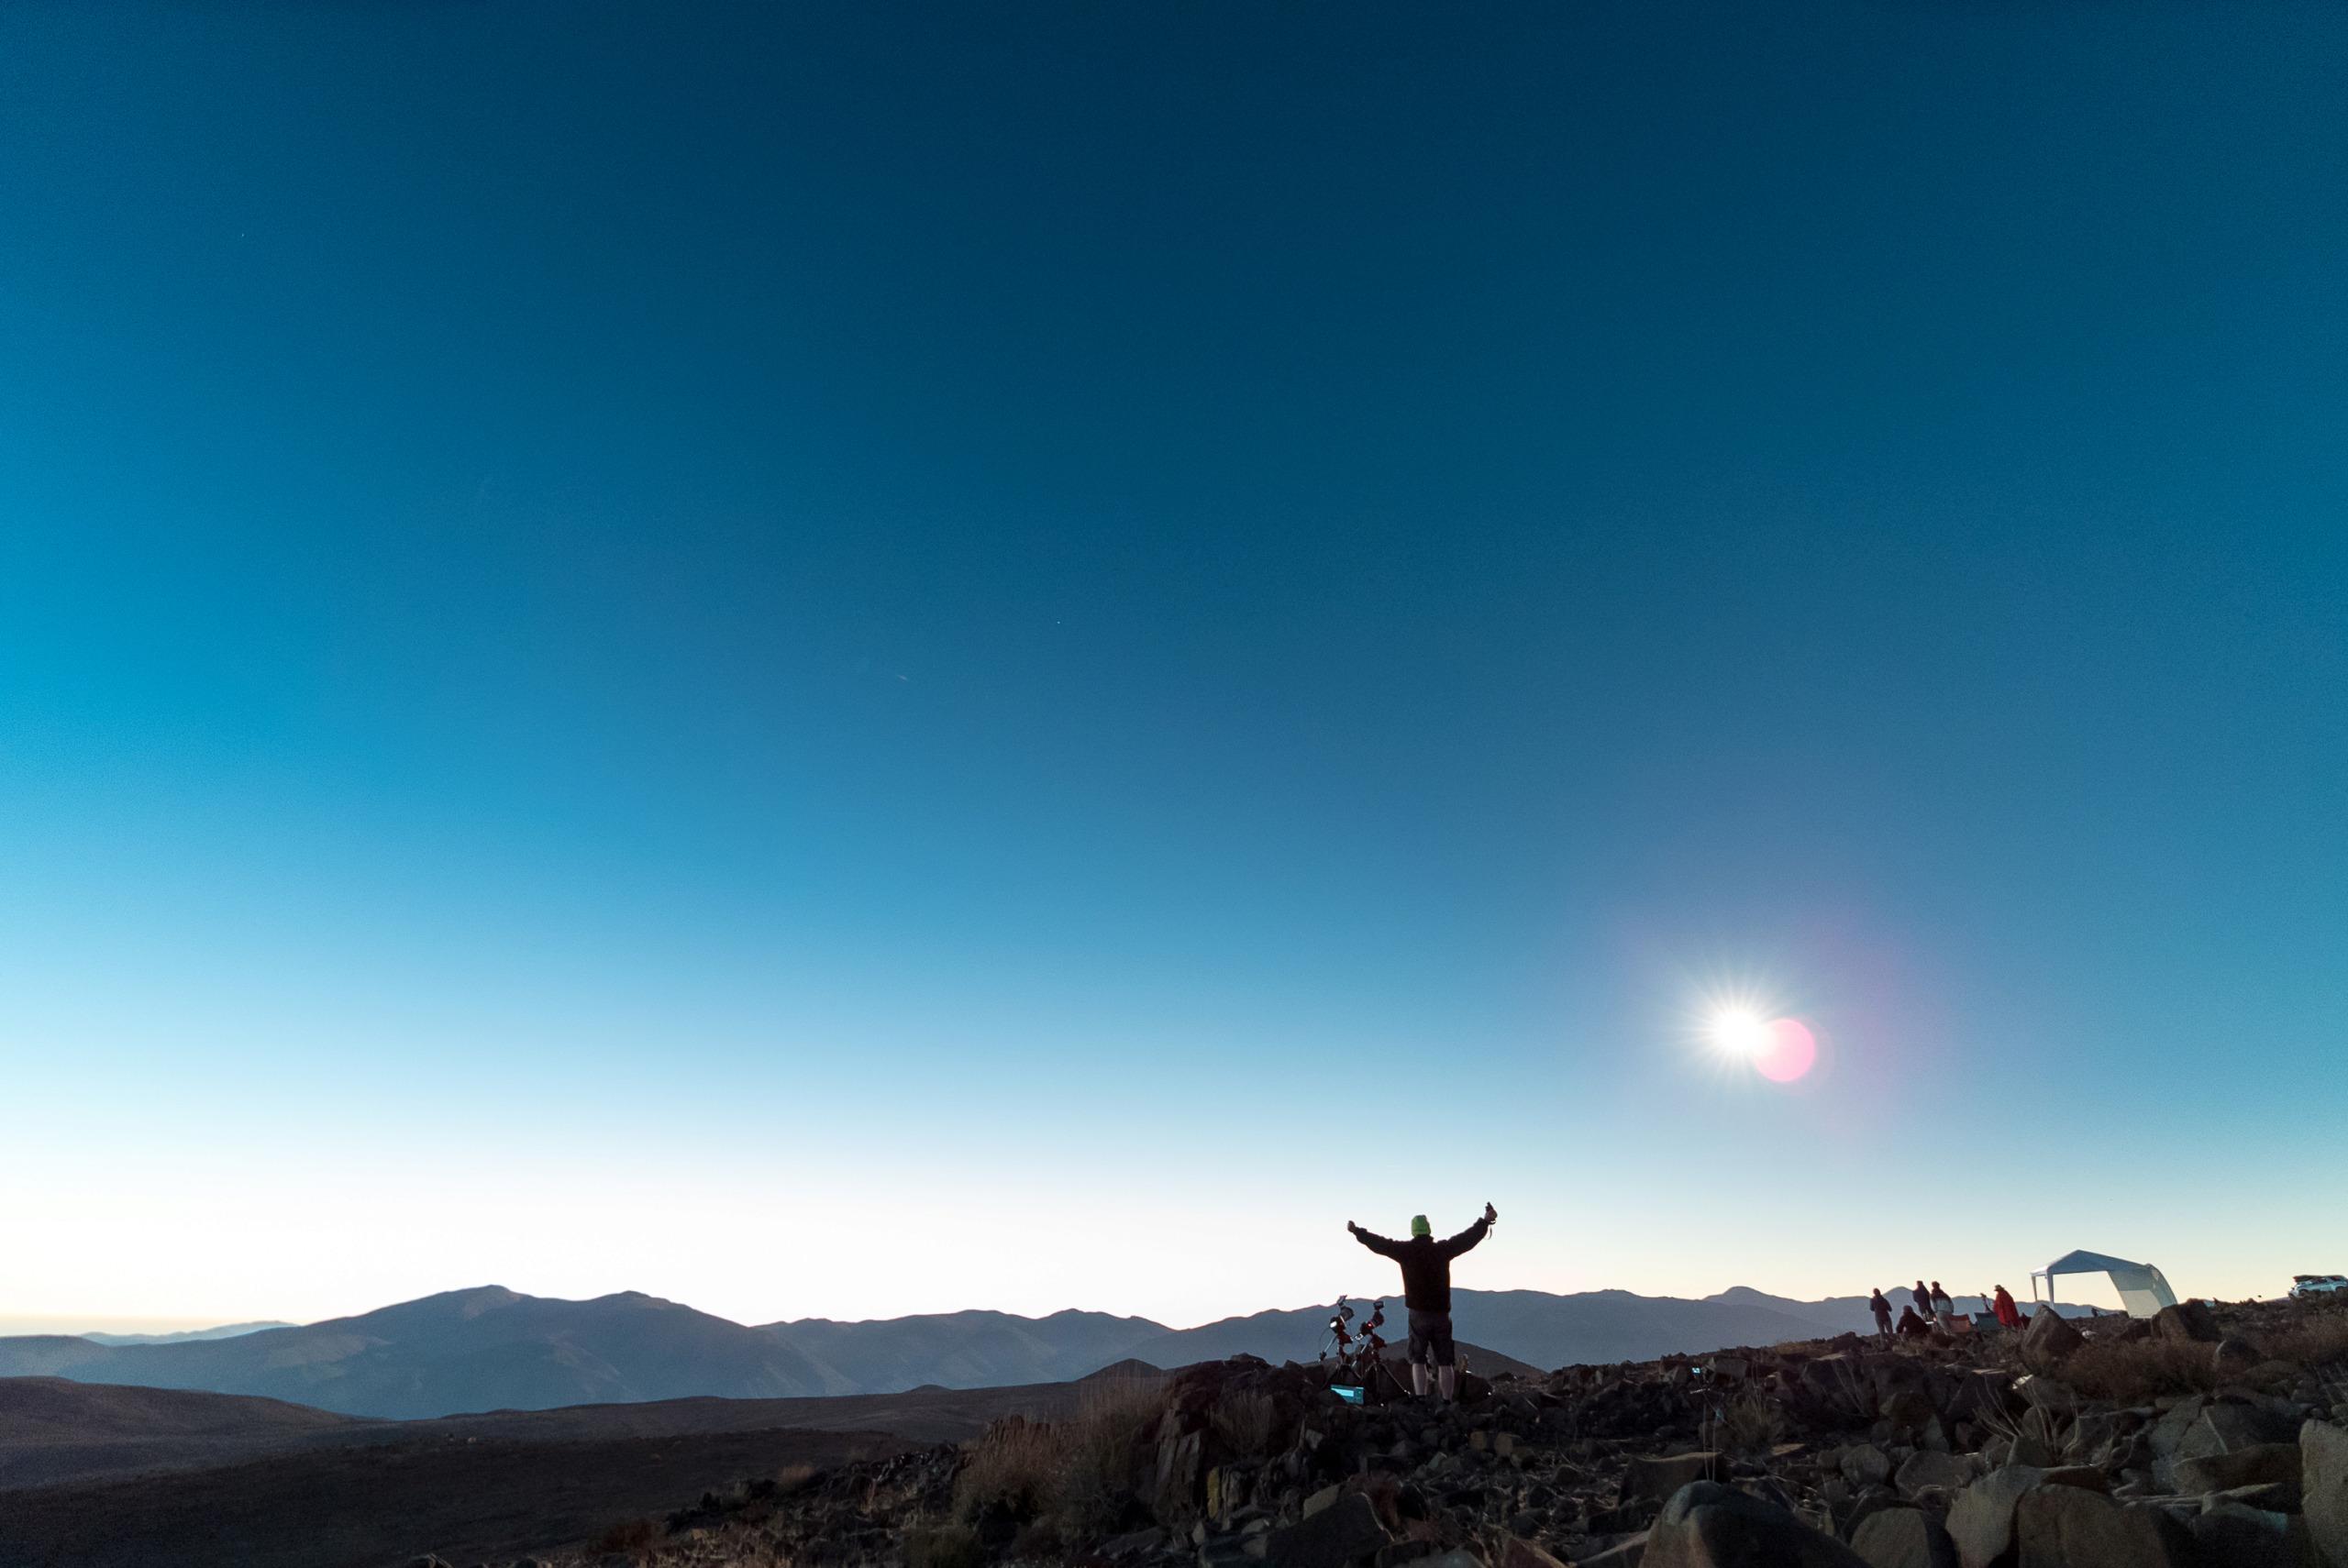 Eclipse de Soleil au Chili - 2 Juillet 2019  - Page 2 Dsc08210